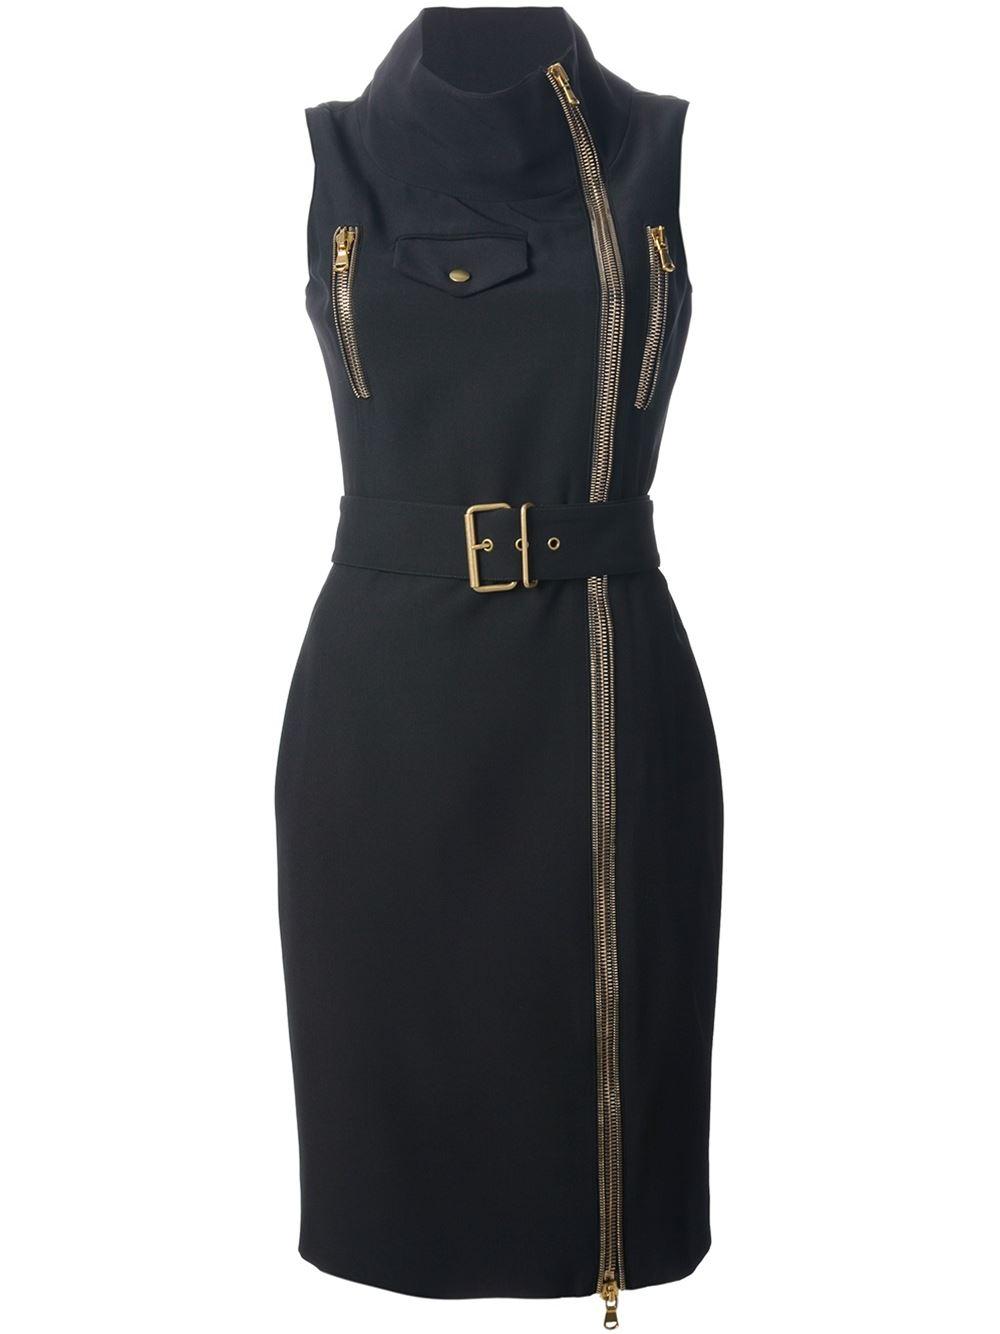 Alexander Mcqueen Zip Front Dress - Biffi - Farfetch.com